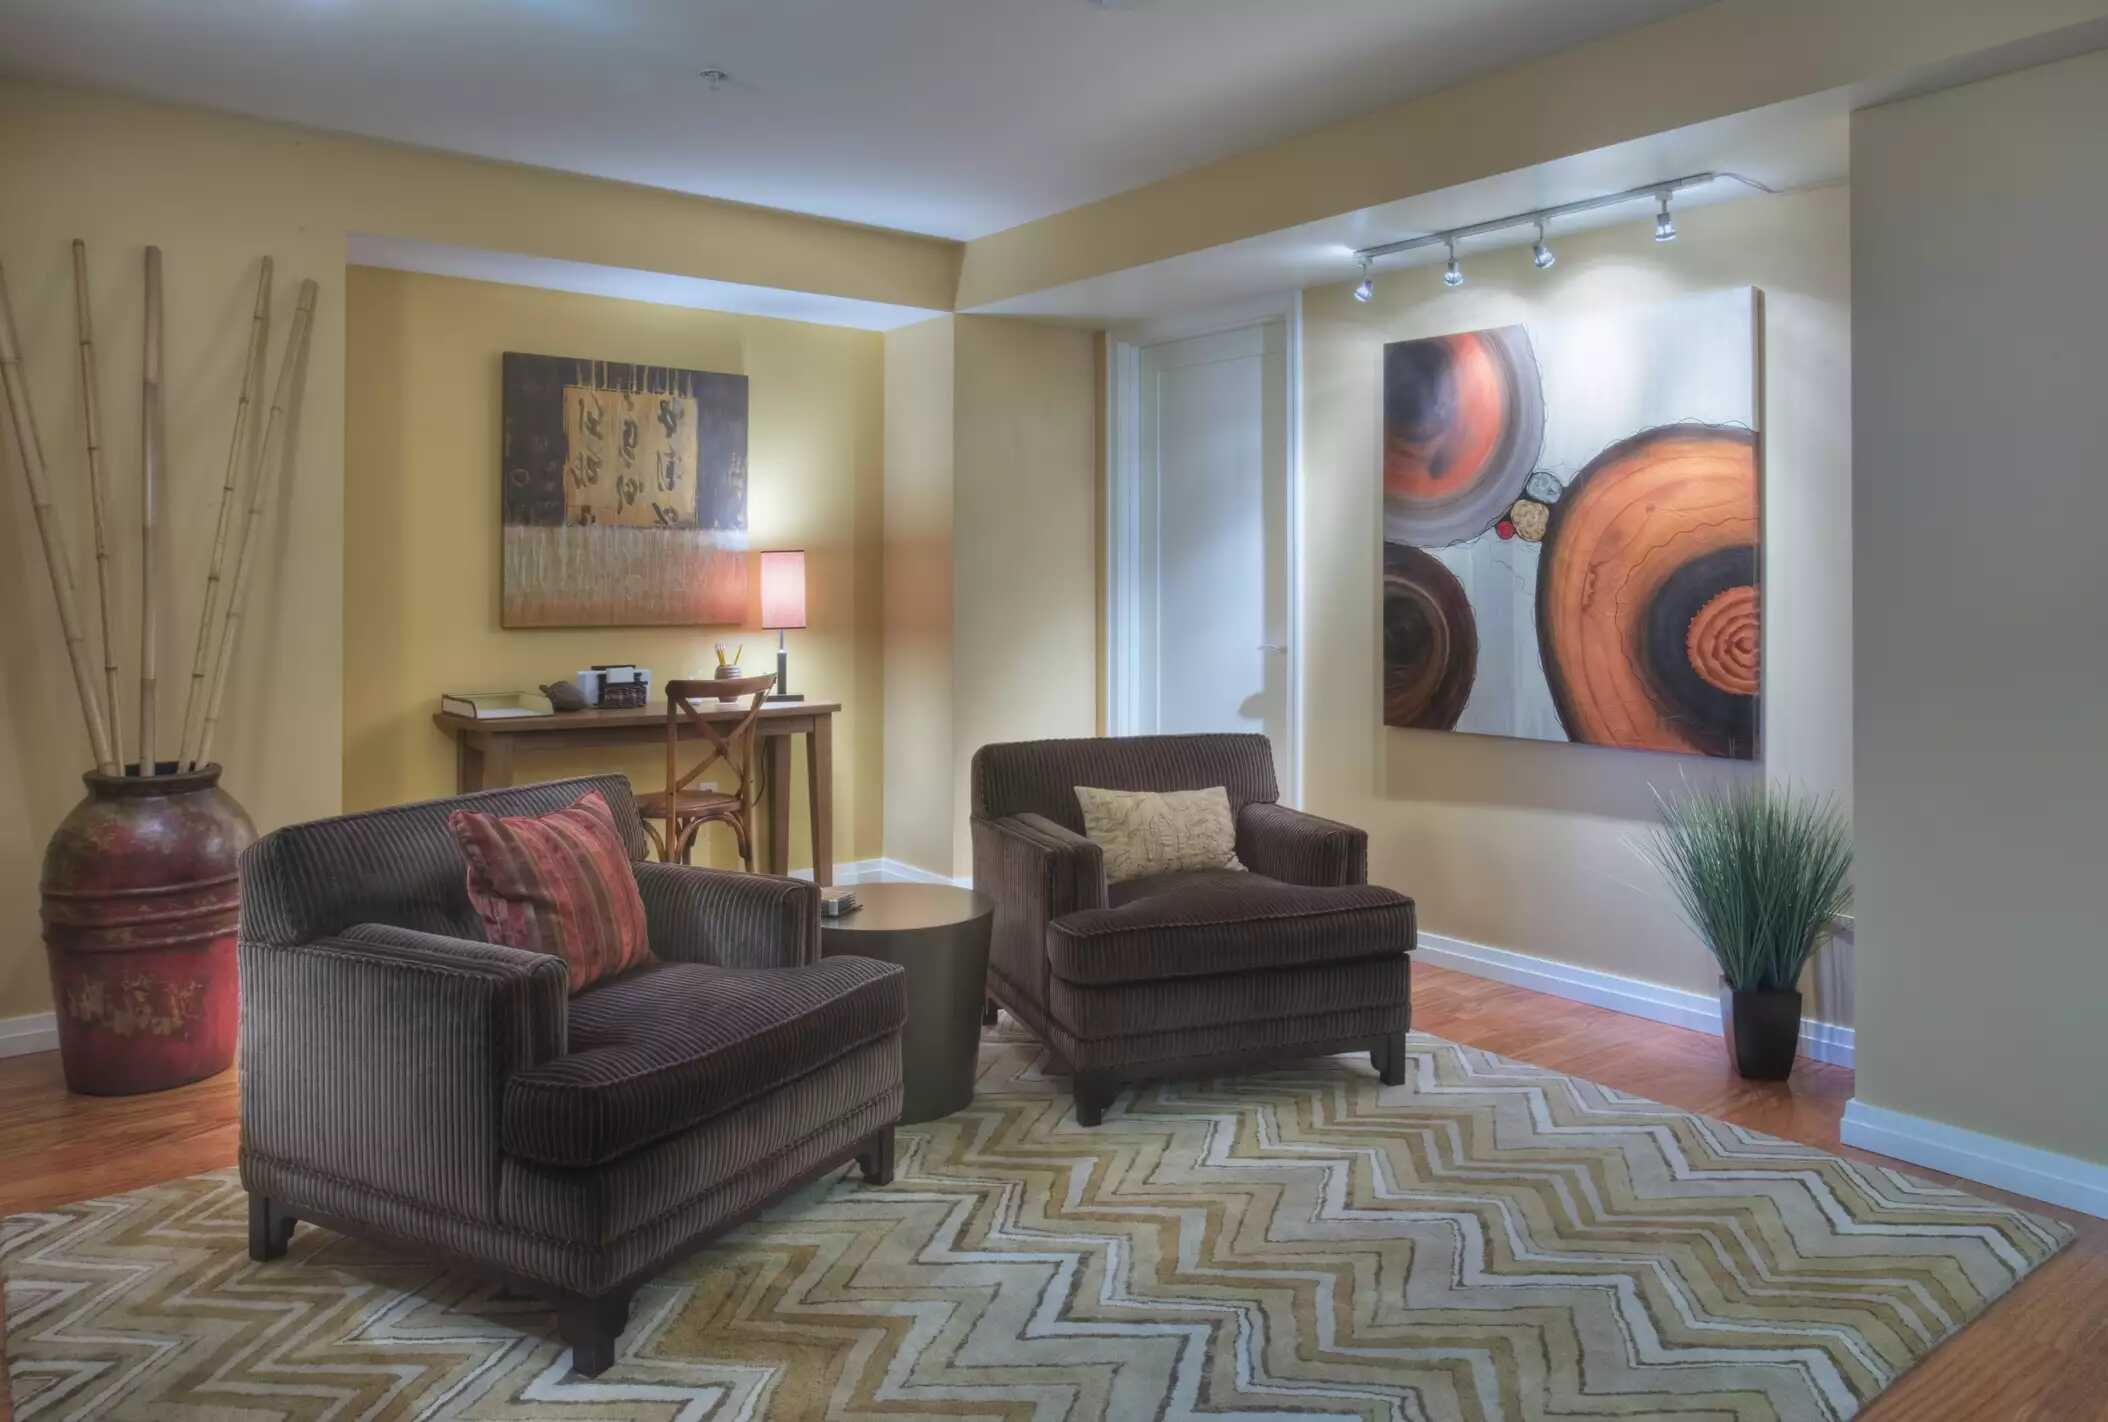 Phòng khách với đồ nội thất màu nâu, tường màu trung tính và hai bức tranh trừu tượng